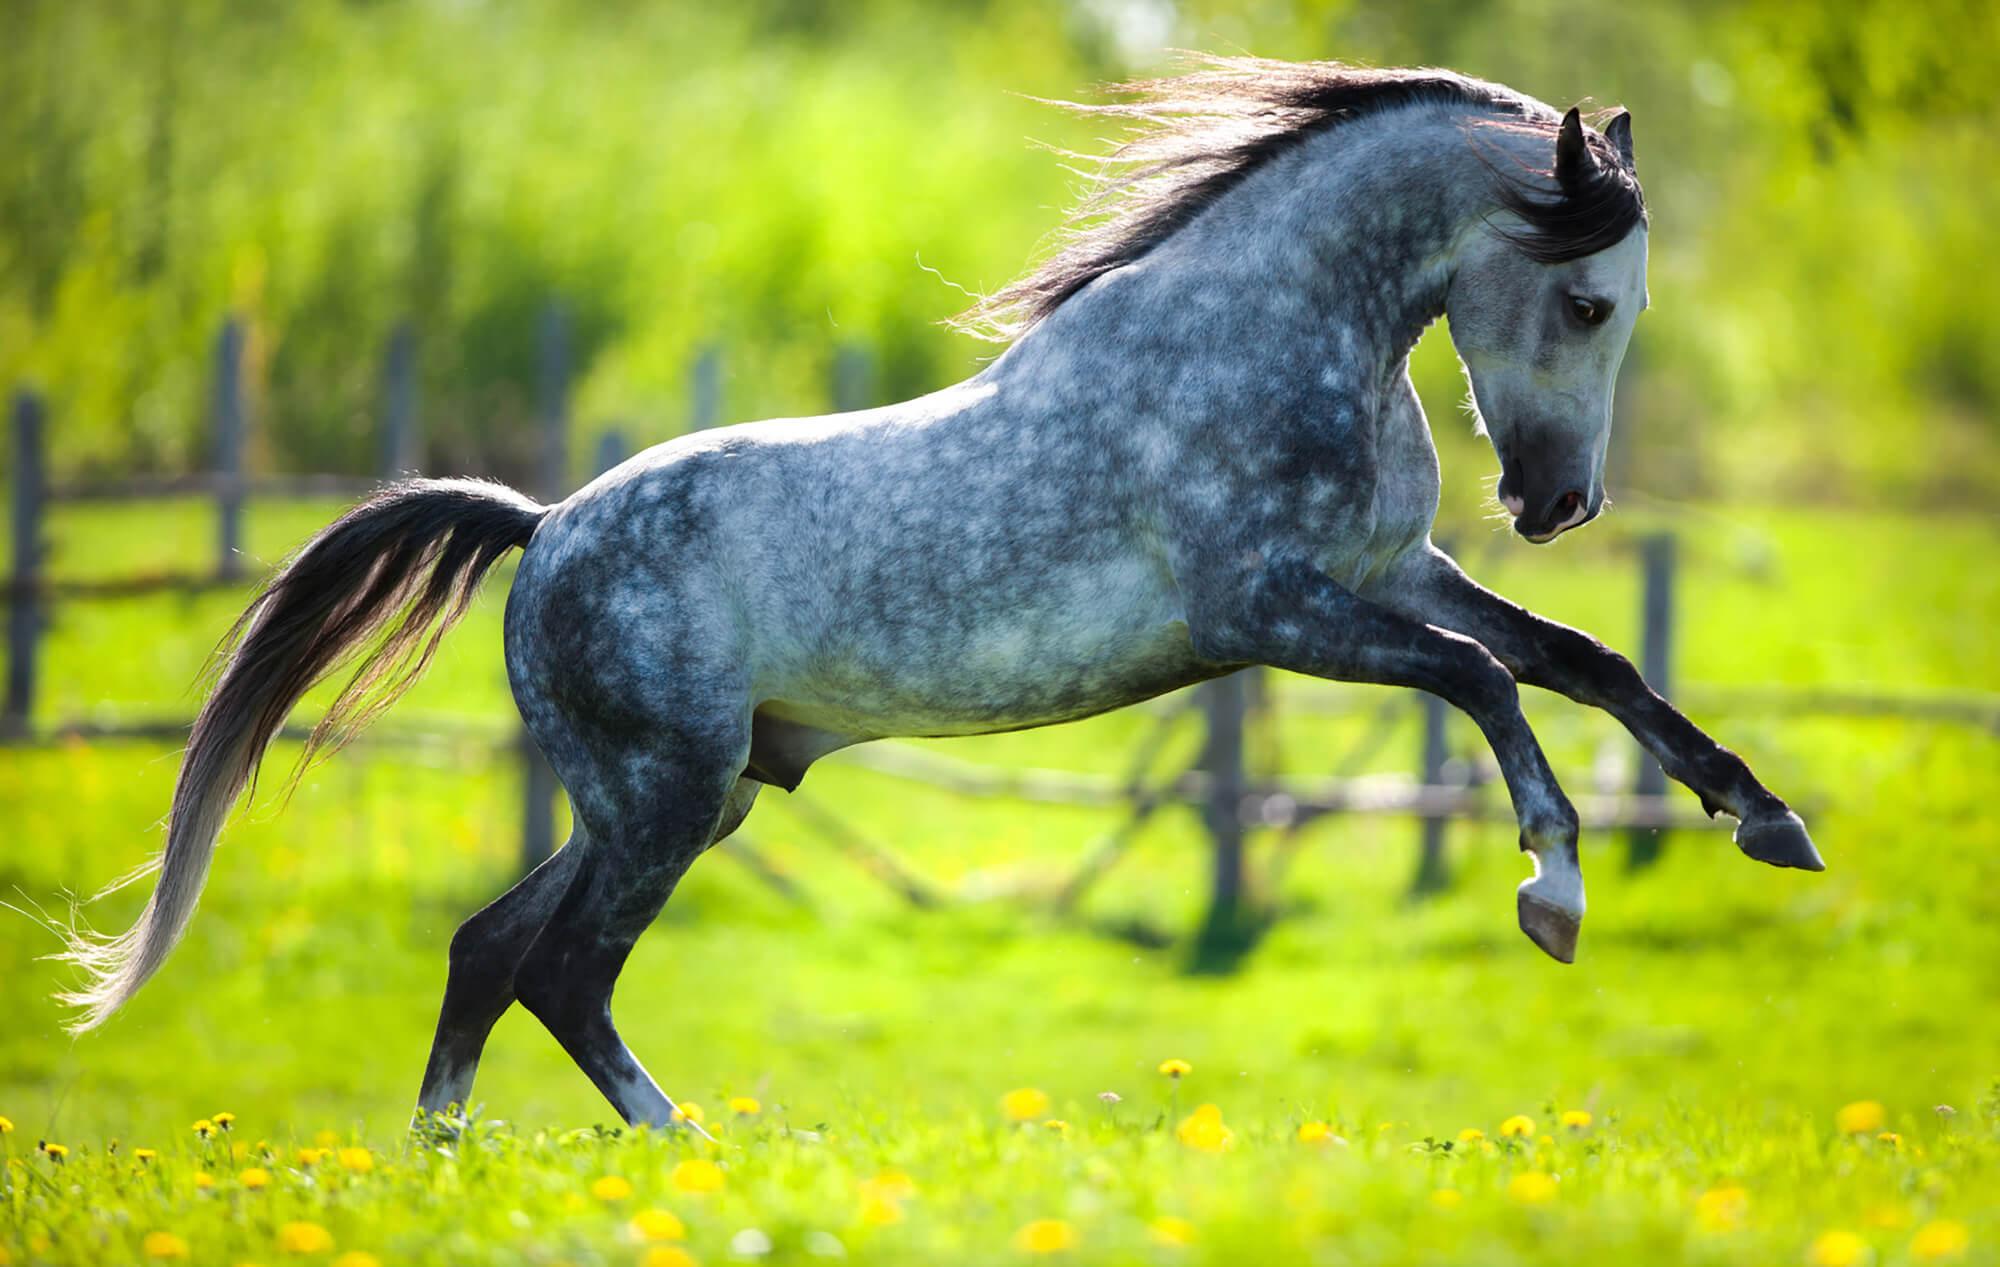 Gelenke beim Pferd mit Kräutern unterstützen